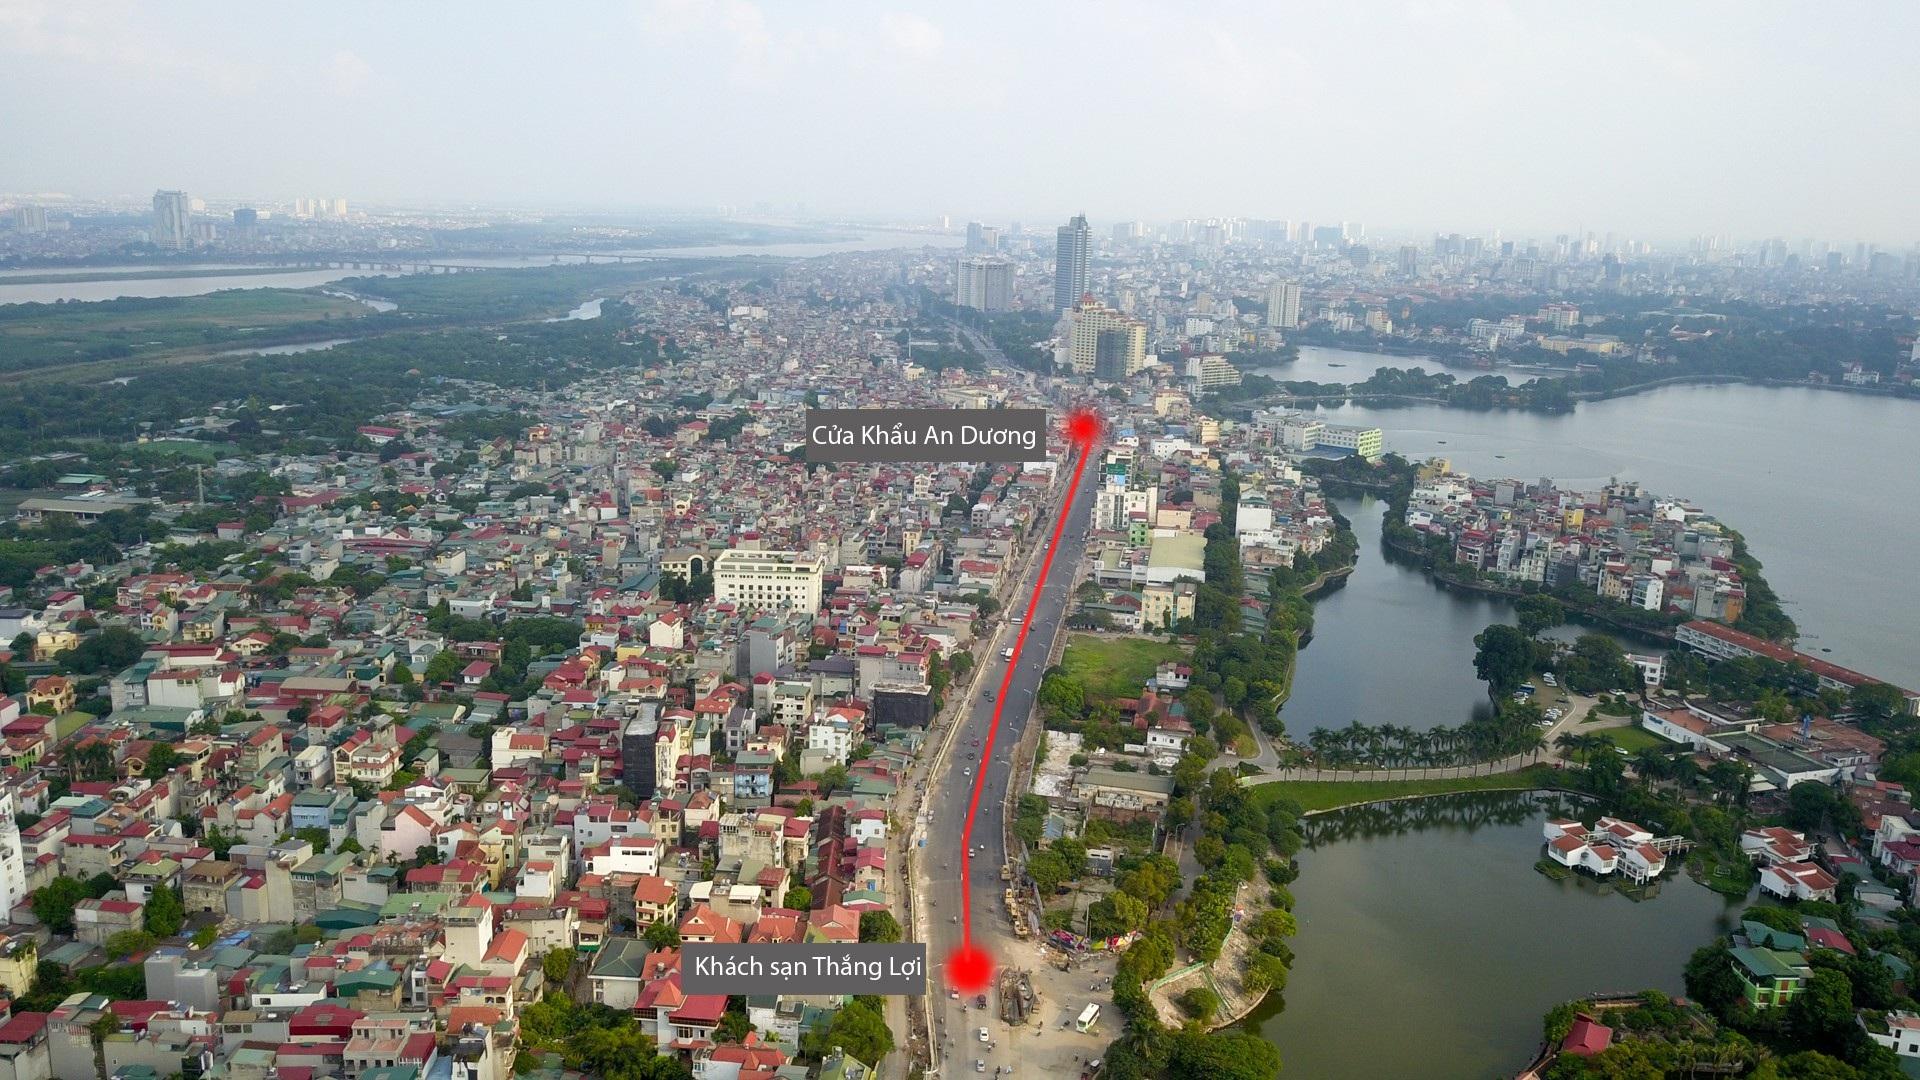 Hà Nội: Toàn cảnh dự án cầu vượt An Dương sau hơn một năm thi công - Ảnh 12.